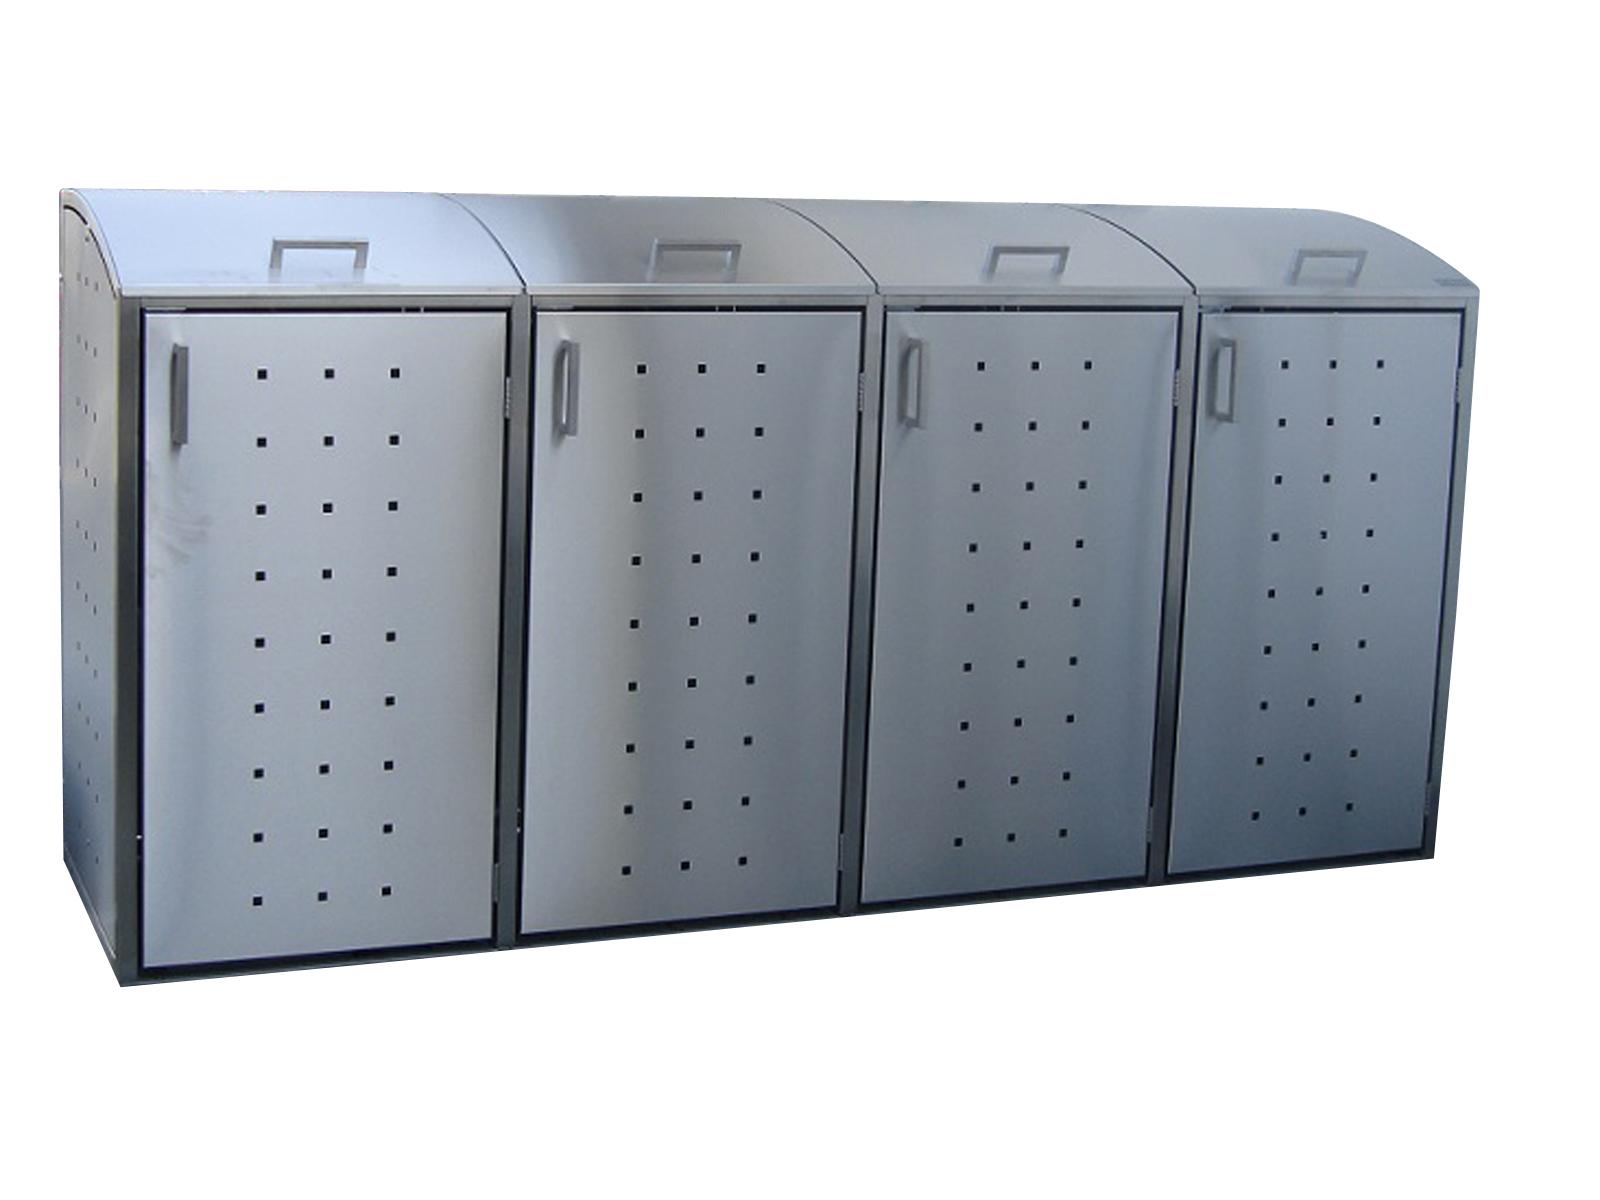 mülltonnenboxen für 120 liter mülltonnen - mülltonnenboxen und